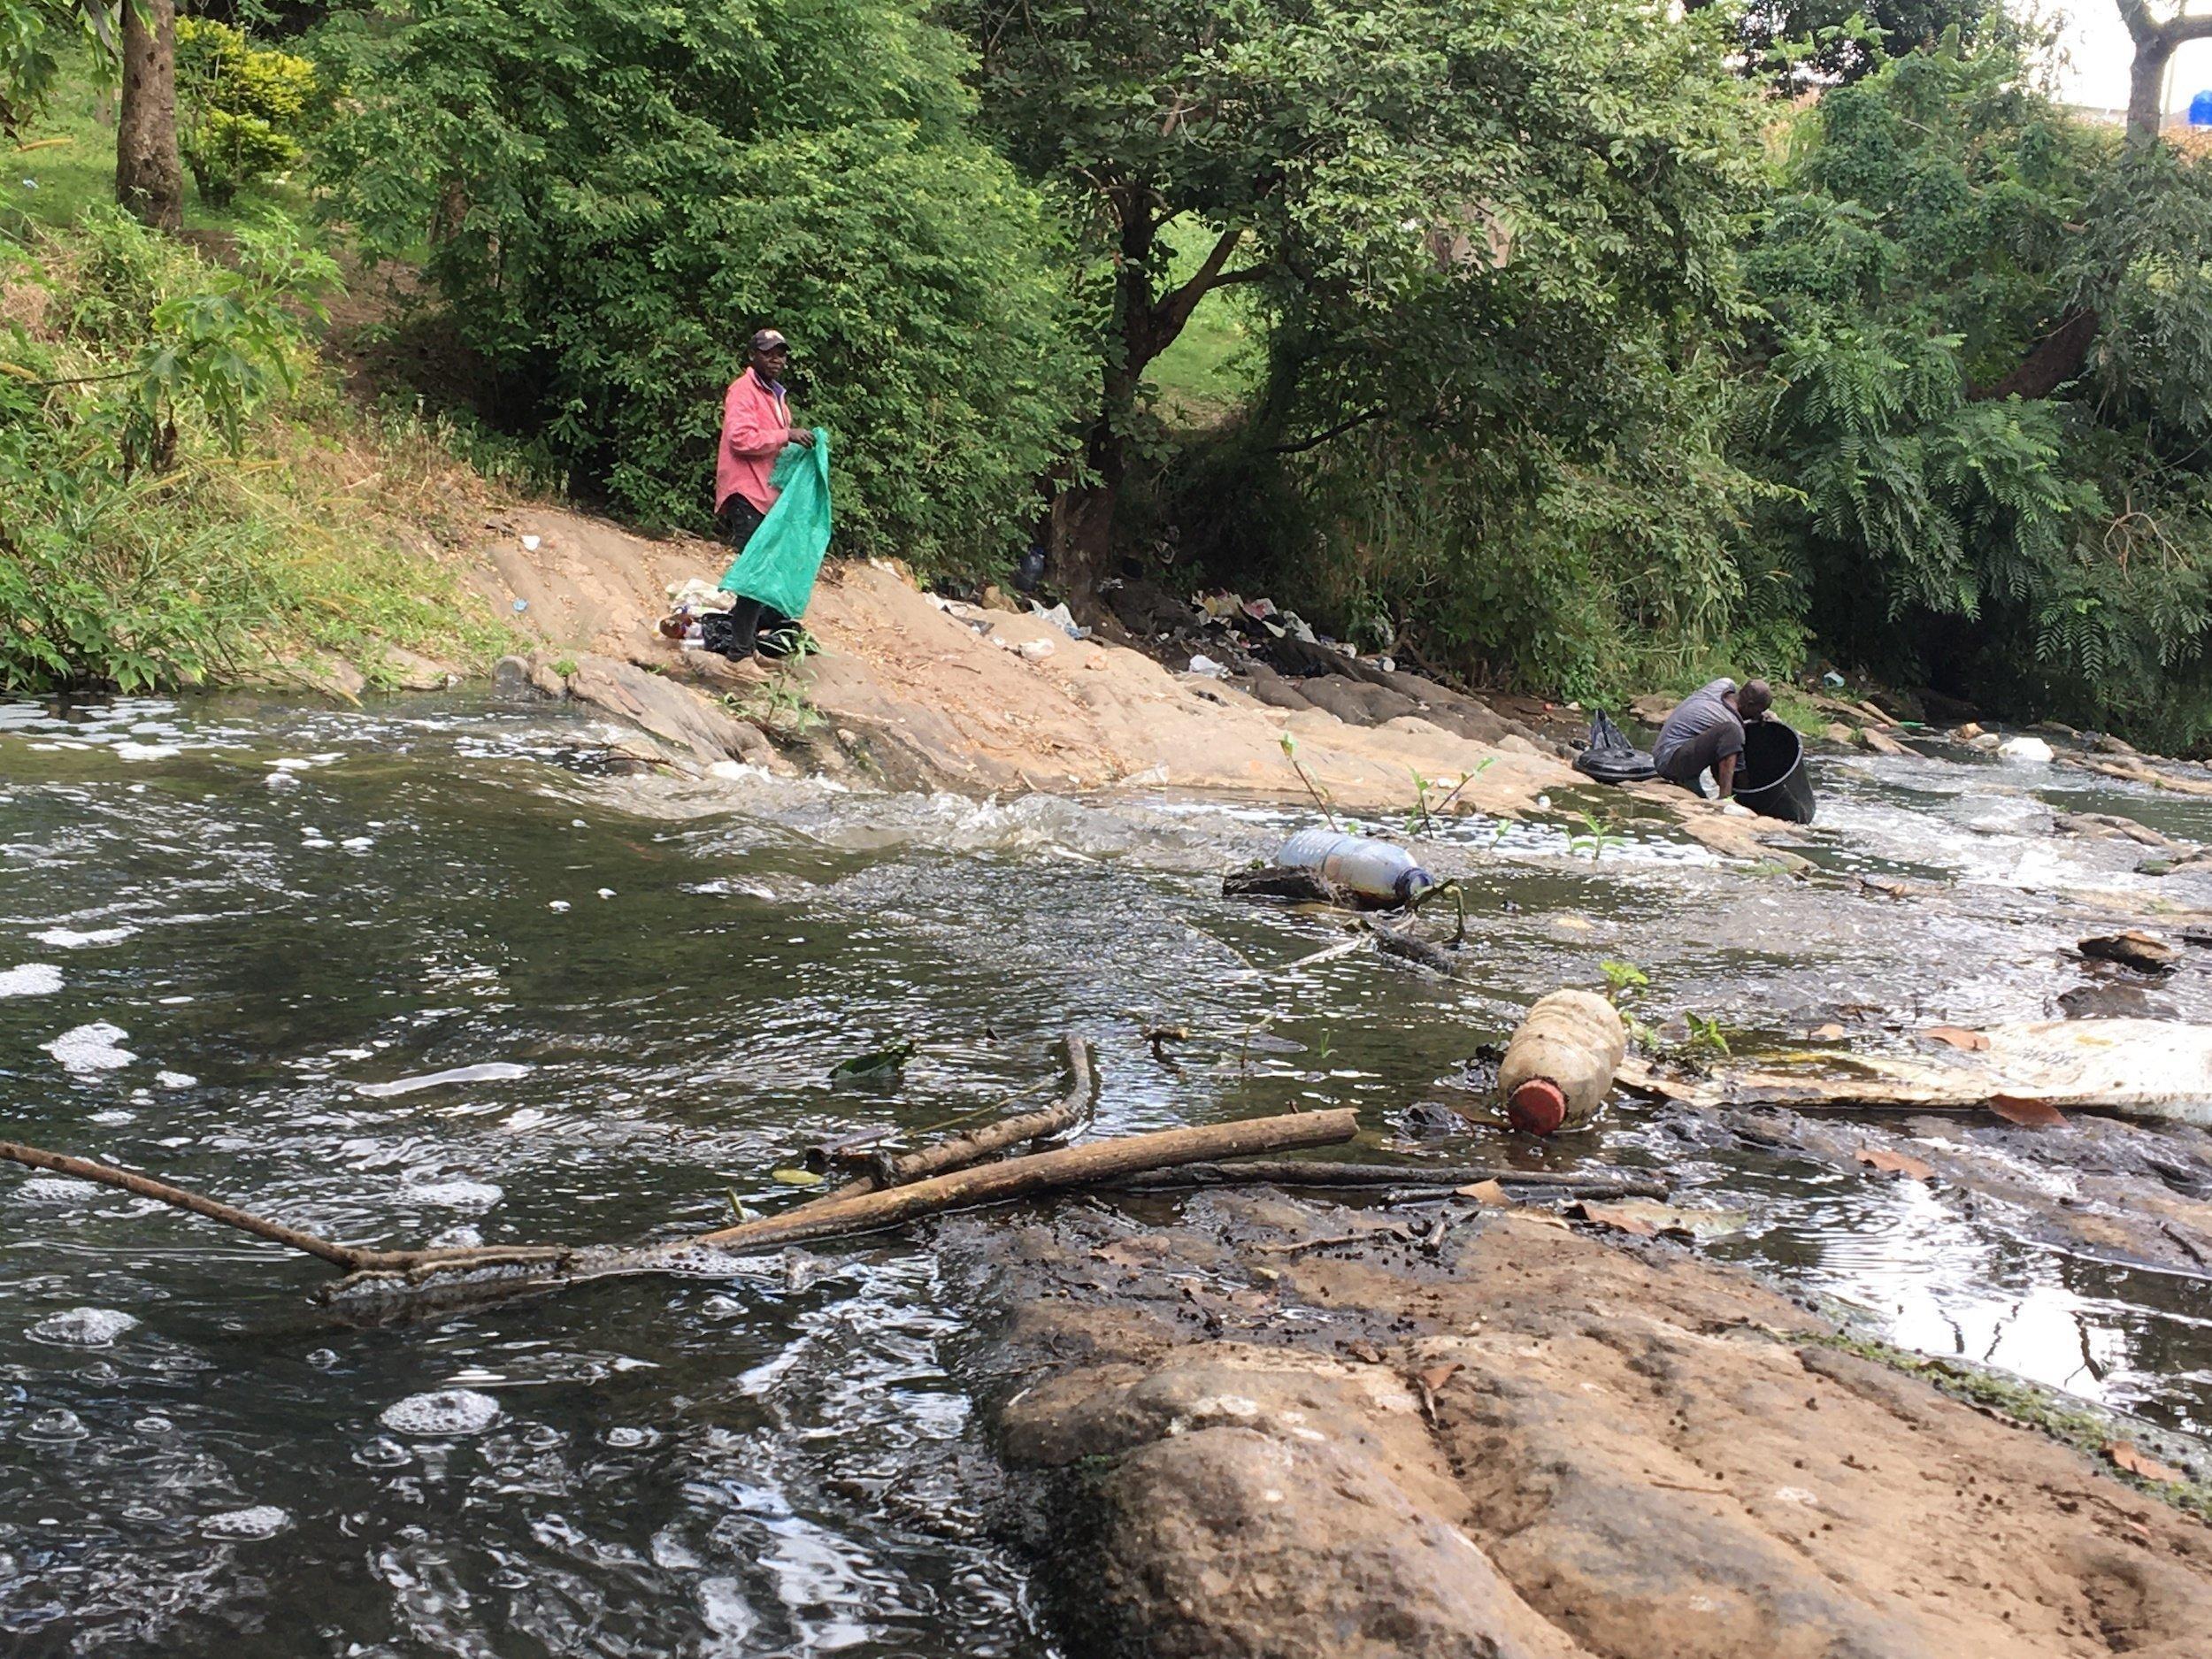 Zwei Männer an einem mit Plastikmüll verschmutzten Fluss in Malawi. Einer hat eine Mülltüte in der Hand, der andere sammelt den Abfall ein.